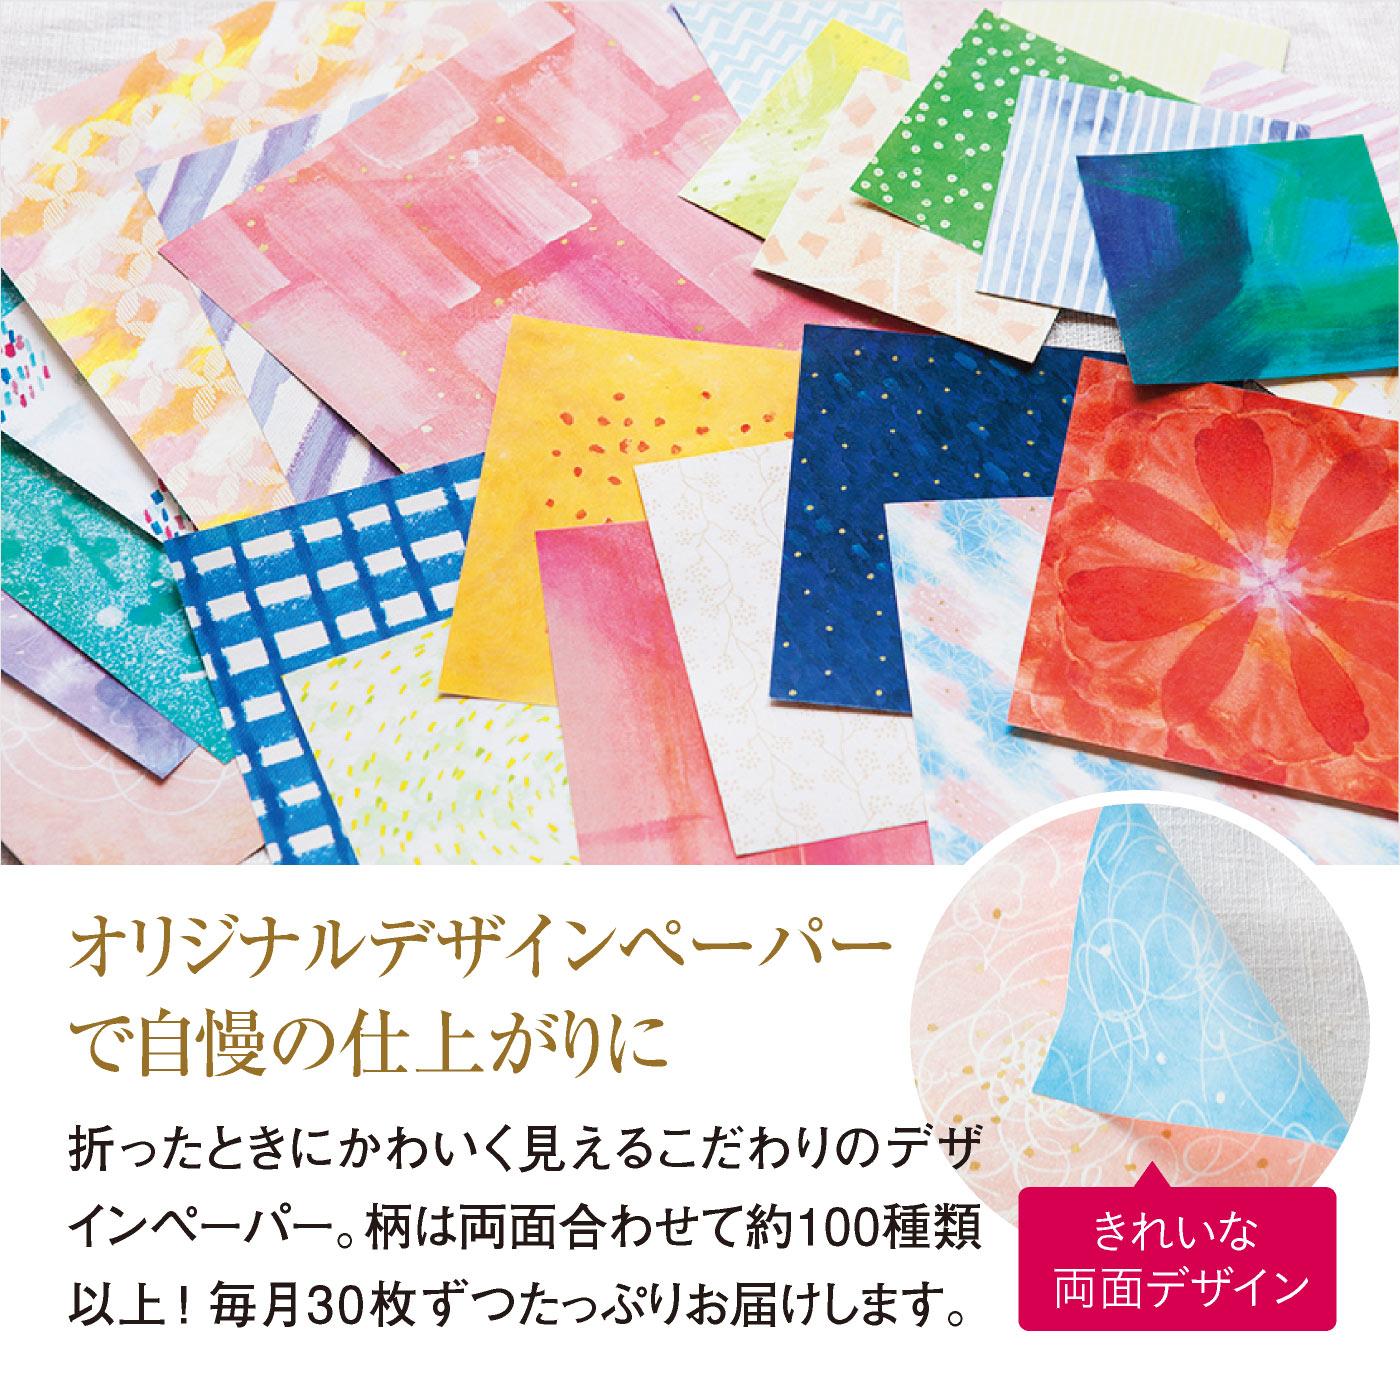 折り紙は使用する紙の紙質や色、デザインでがらりと変わります。美しさが引き立つオリジナルのデザインペーパーはハリのある紙質で、アーティストcolorfulchildさんのイラストです!